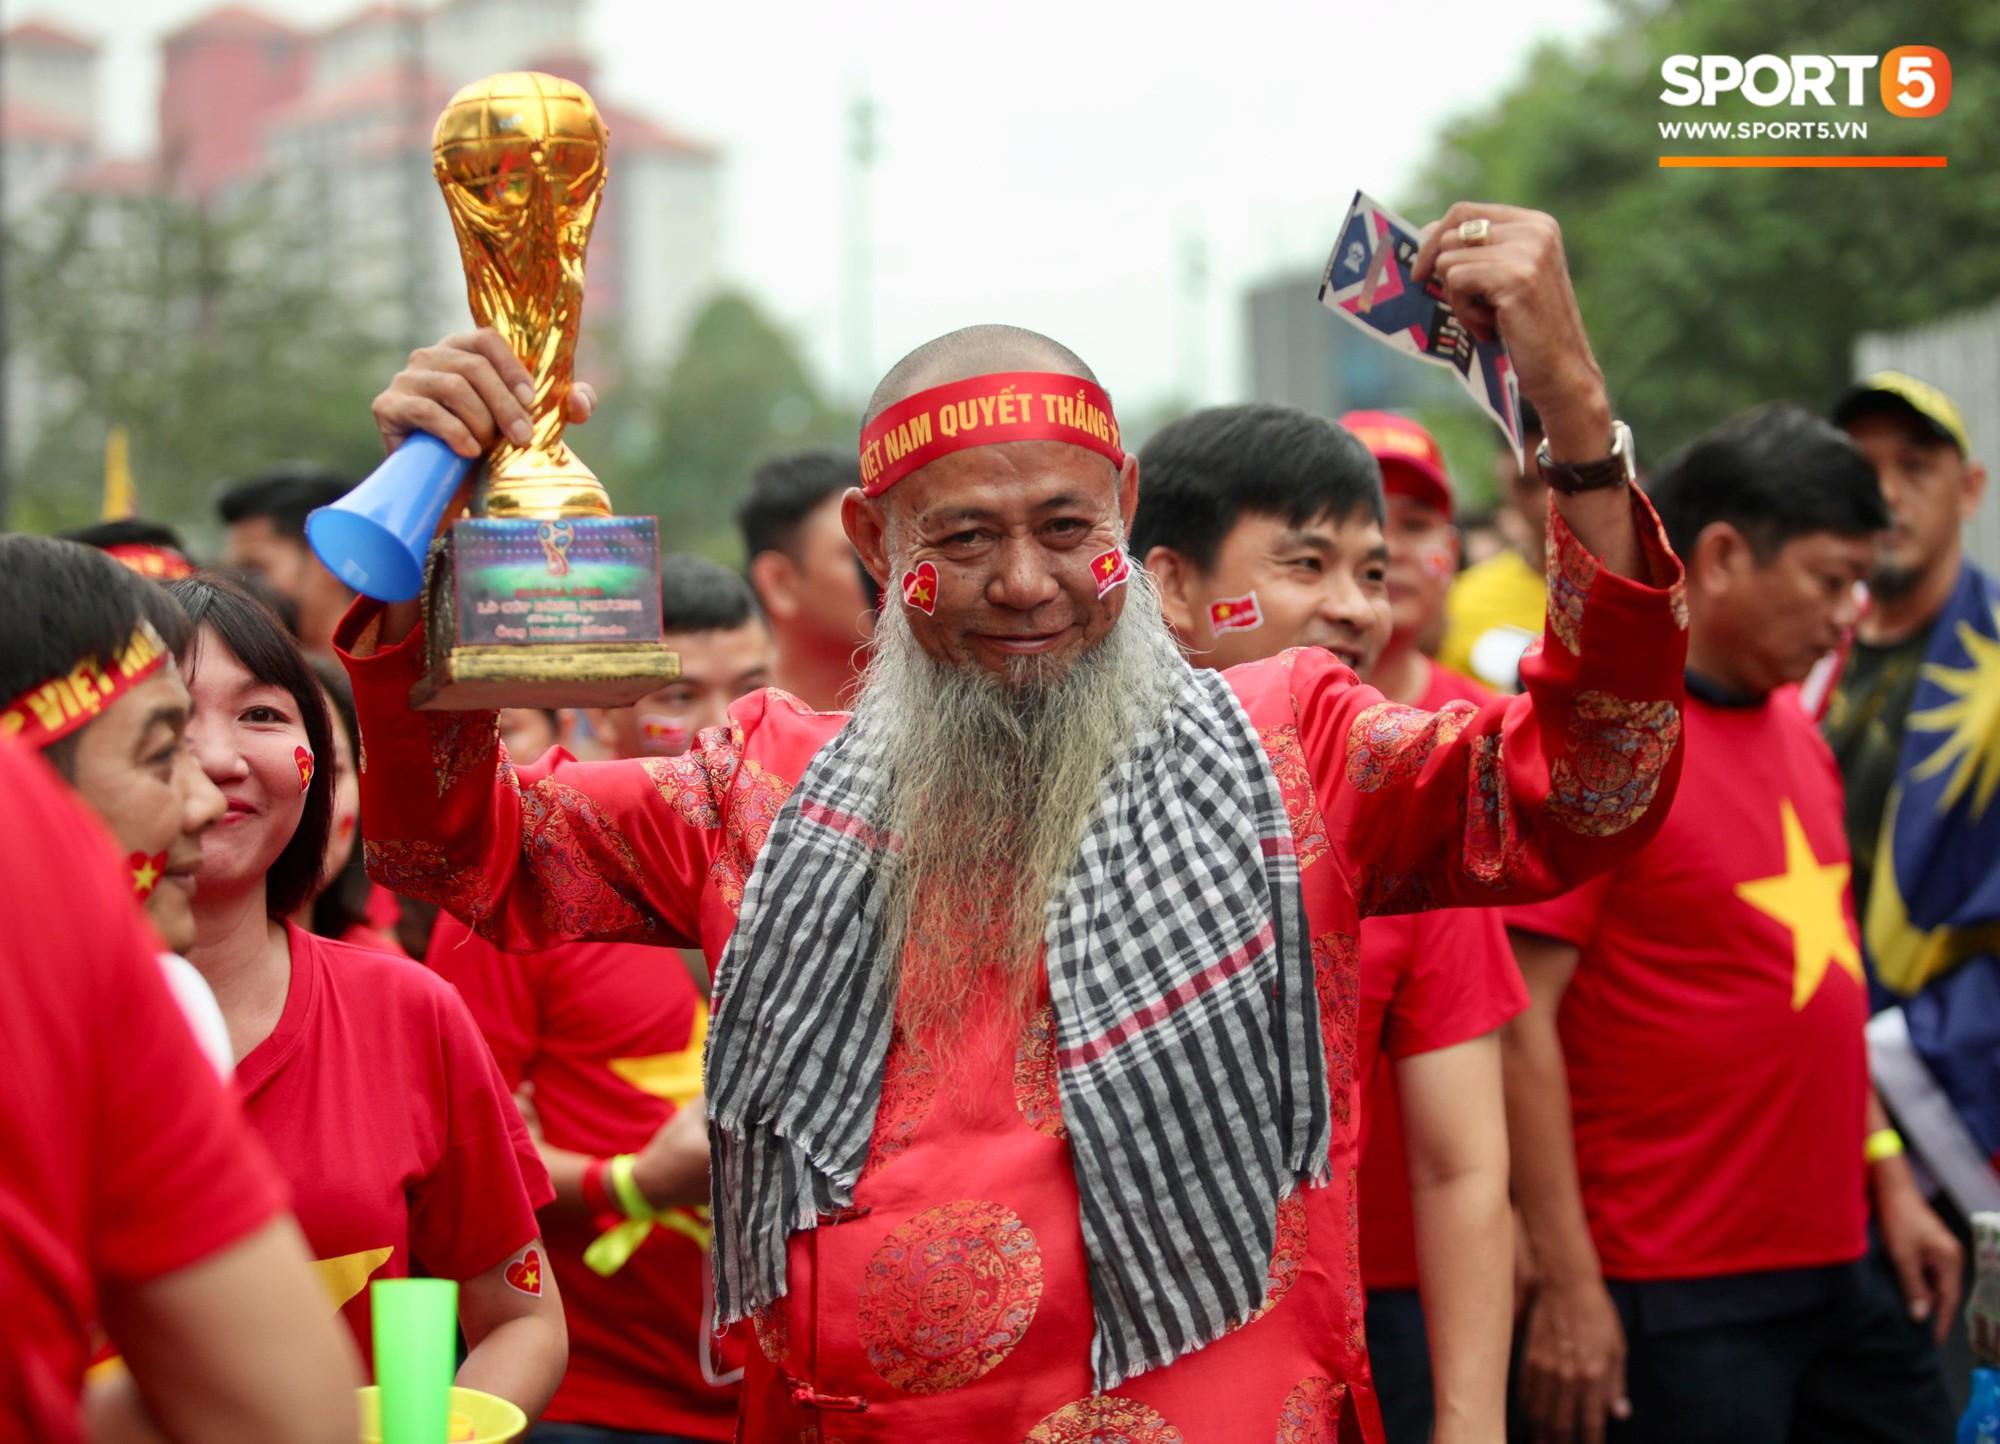 Fangirl xinh đẹp hâm nóng bầu không khí trước thềm đại chiến Việt Nam vs Malaysia-13